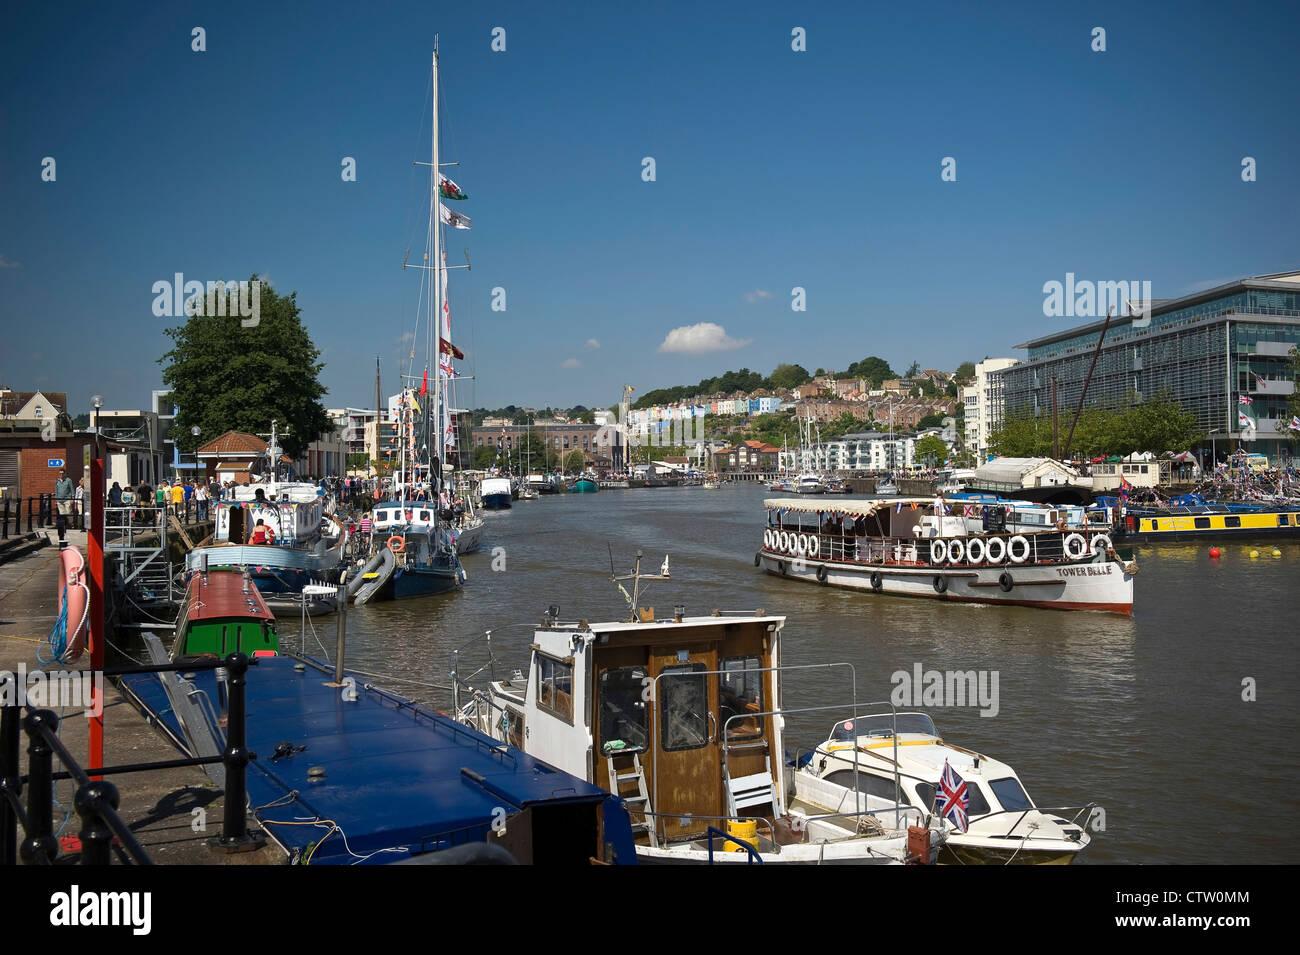 Bristol Harbour Festival, Avon, UK - Stock Image